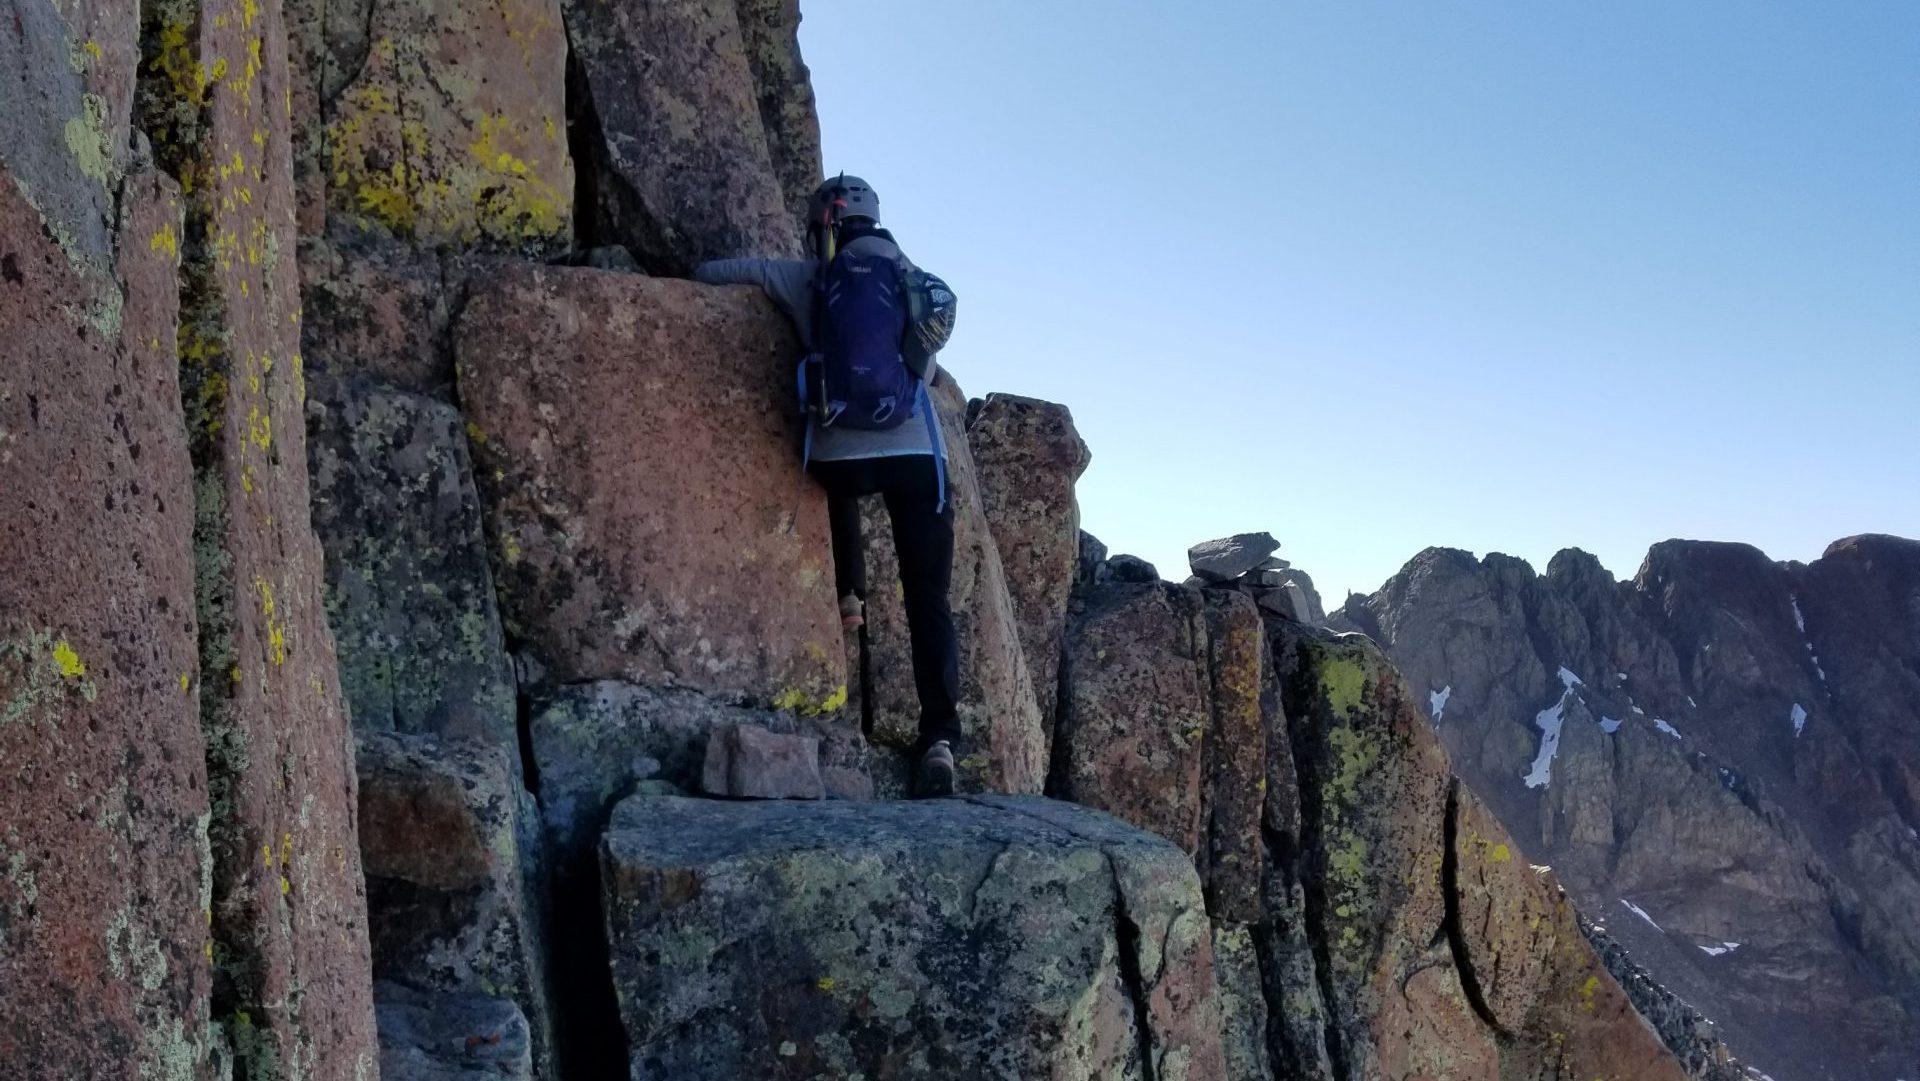 El Diente Mt Wilson Traverse: Climbing Colorado's 14ers